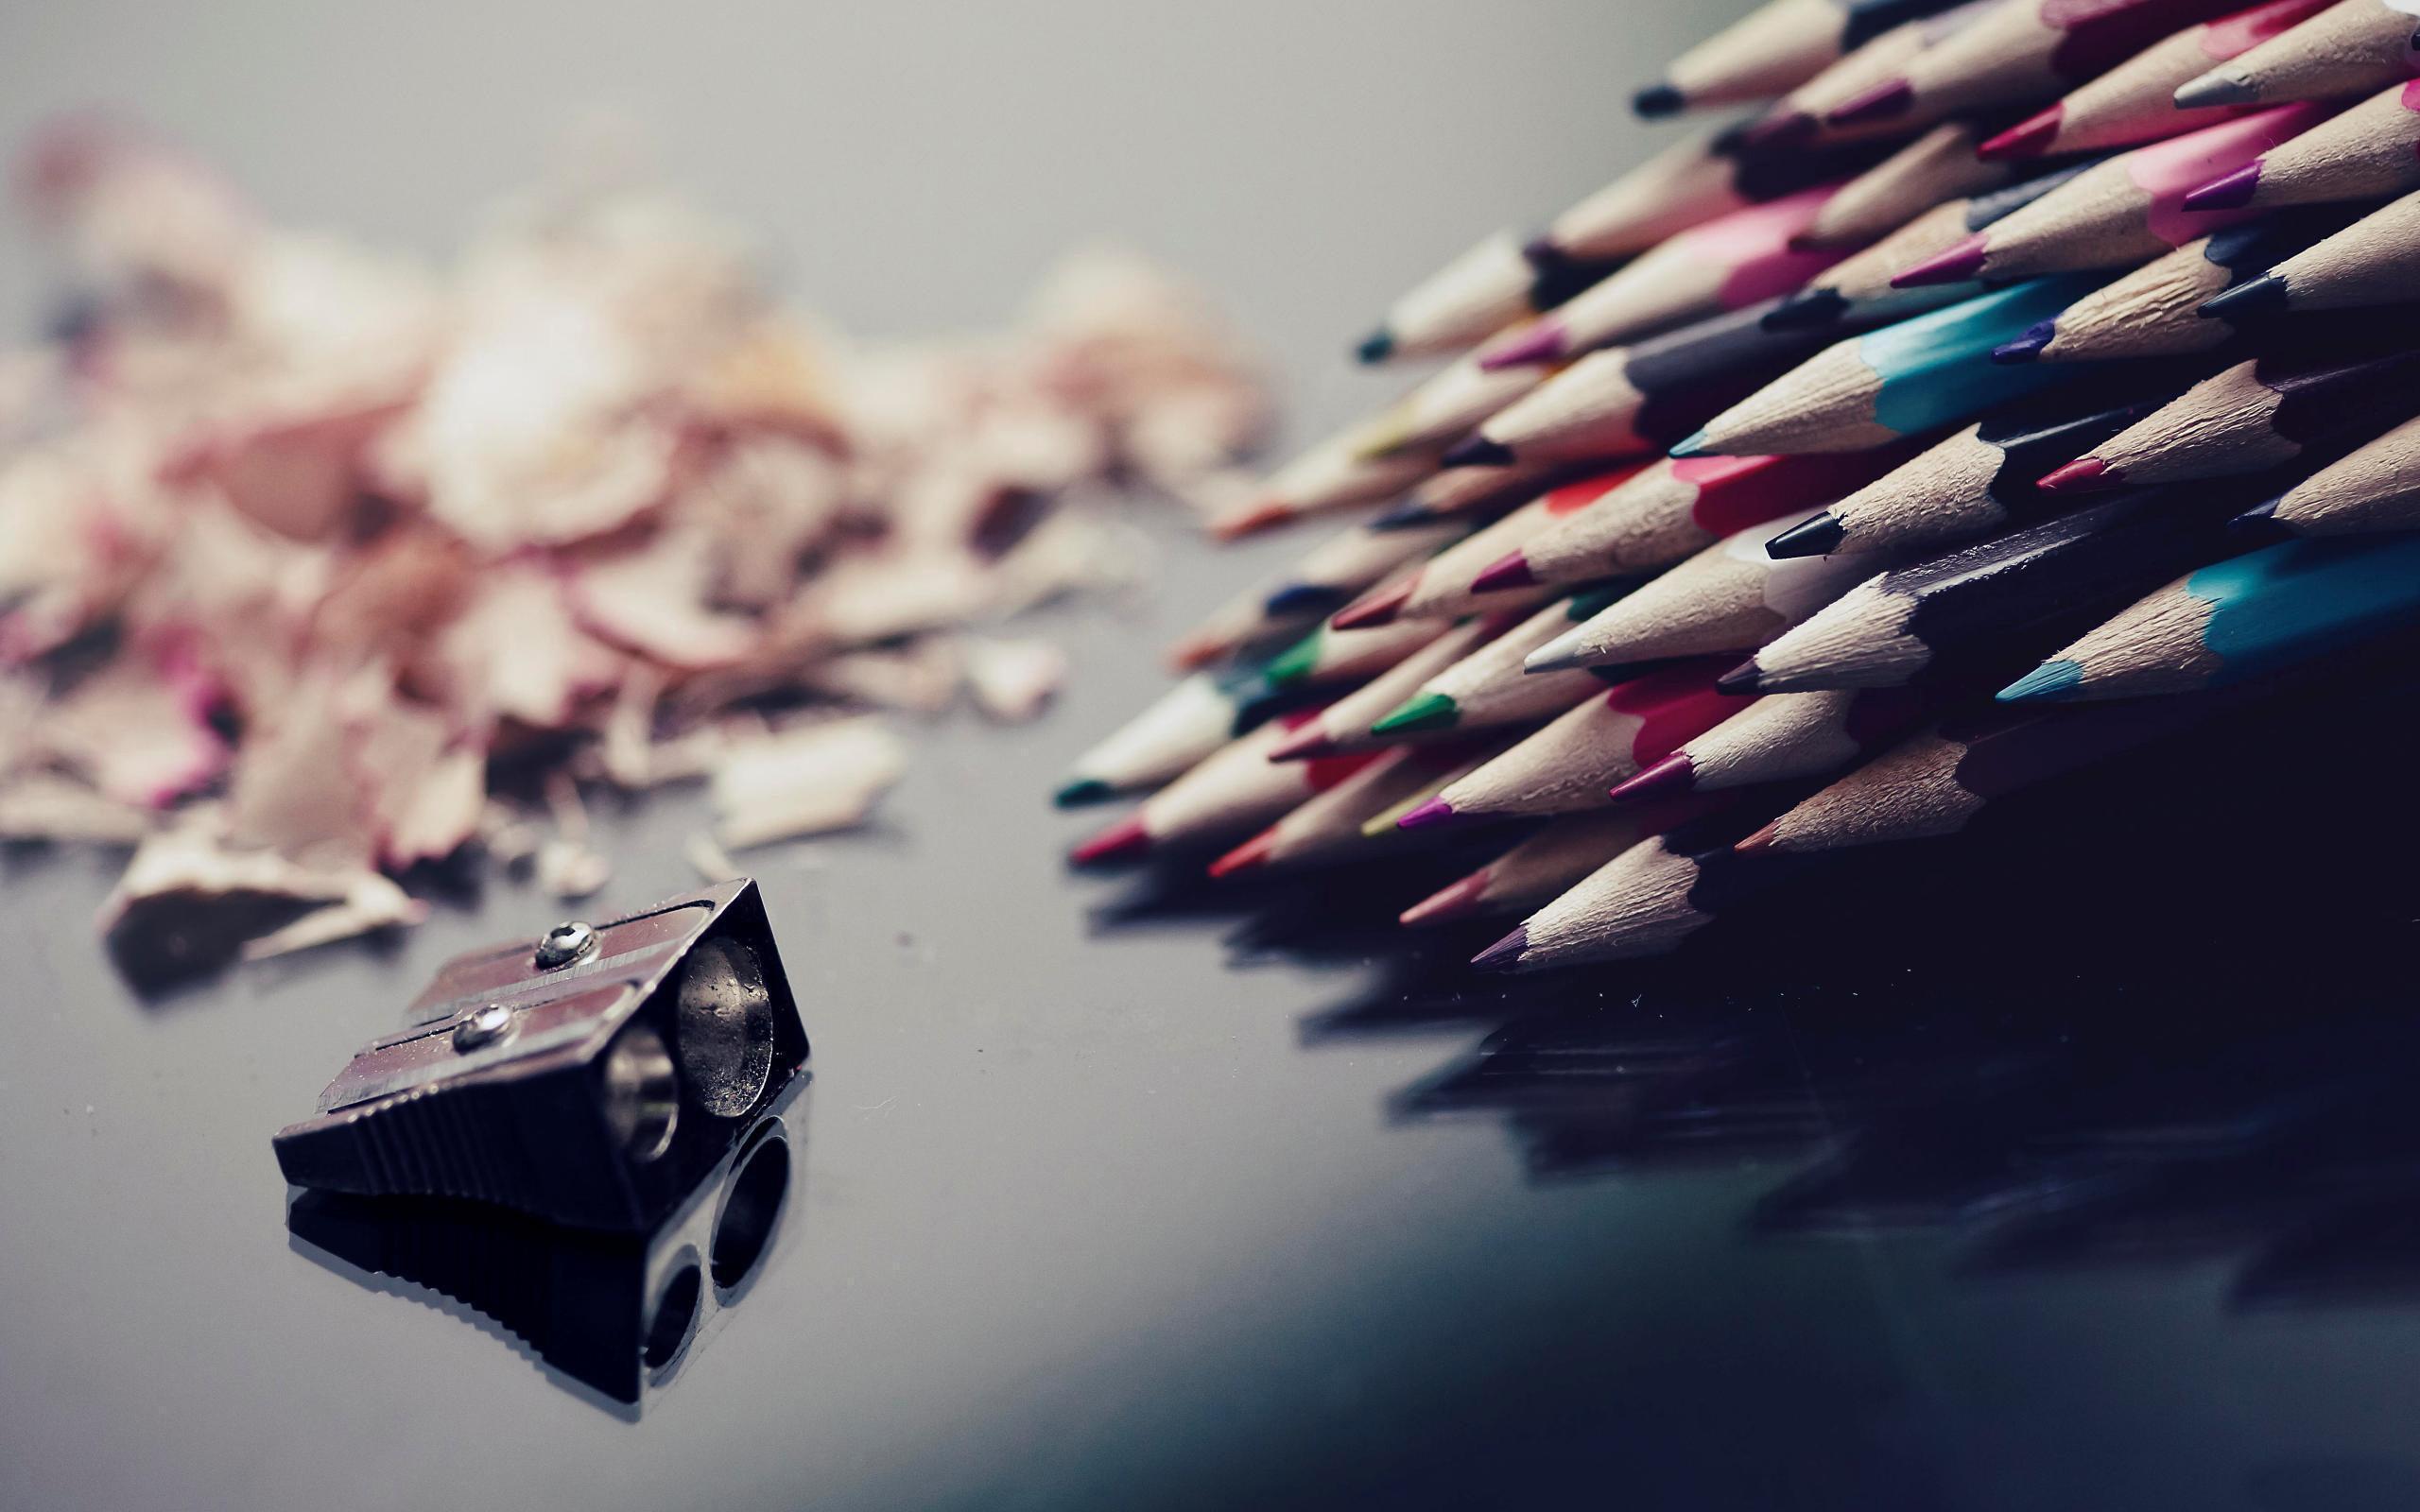 Заточенные карандаши без смс